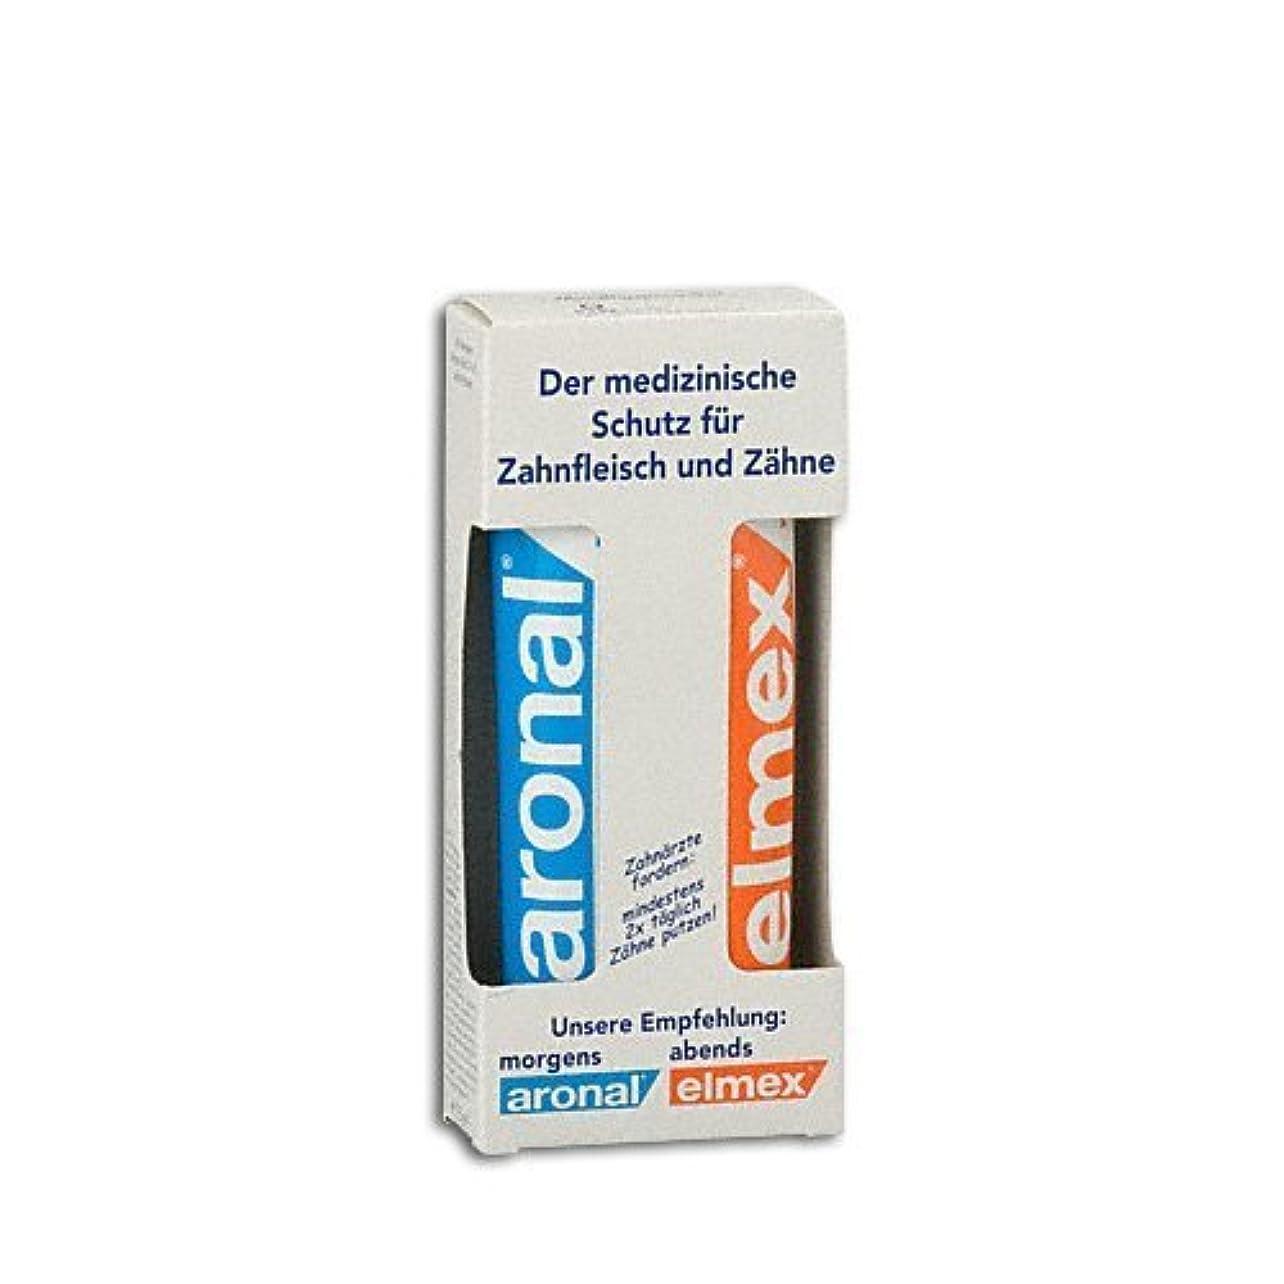 アロナール&エルメックス 歯磨き粉セット(朝/夜) 75ml (aronal & elmex toothpaste set 75ml) 【並行輸入品】